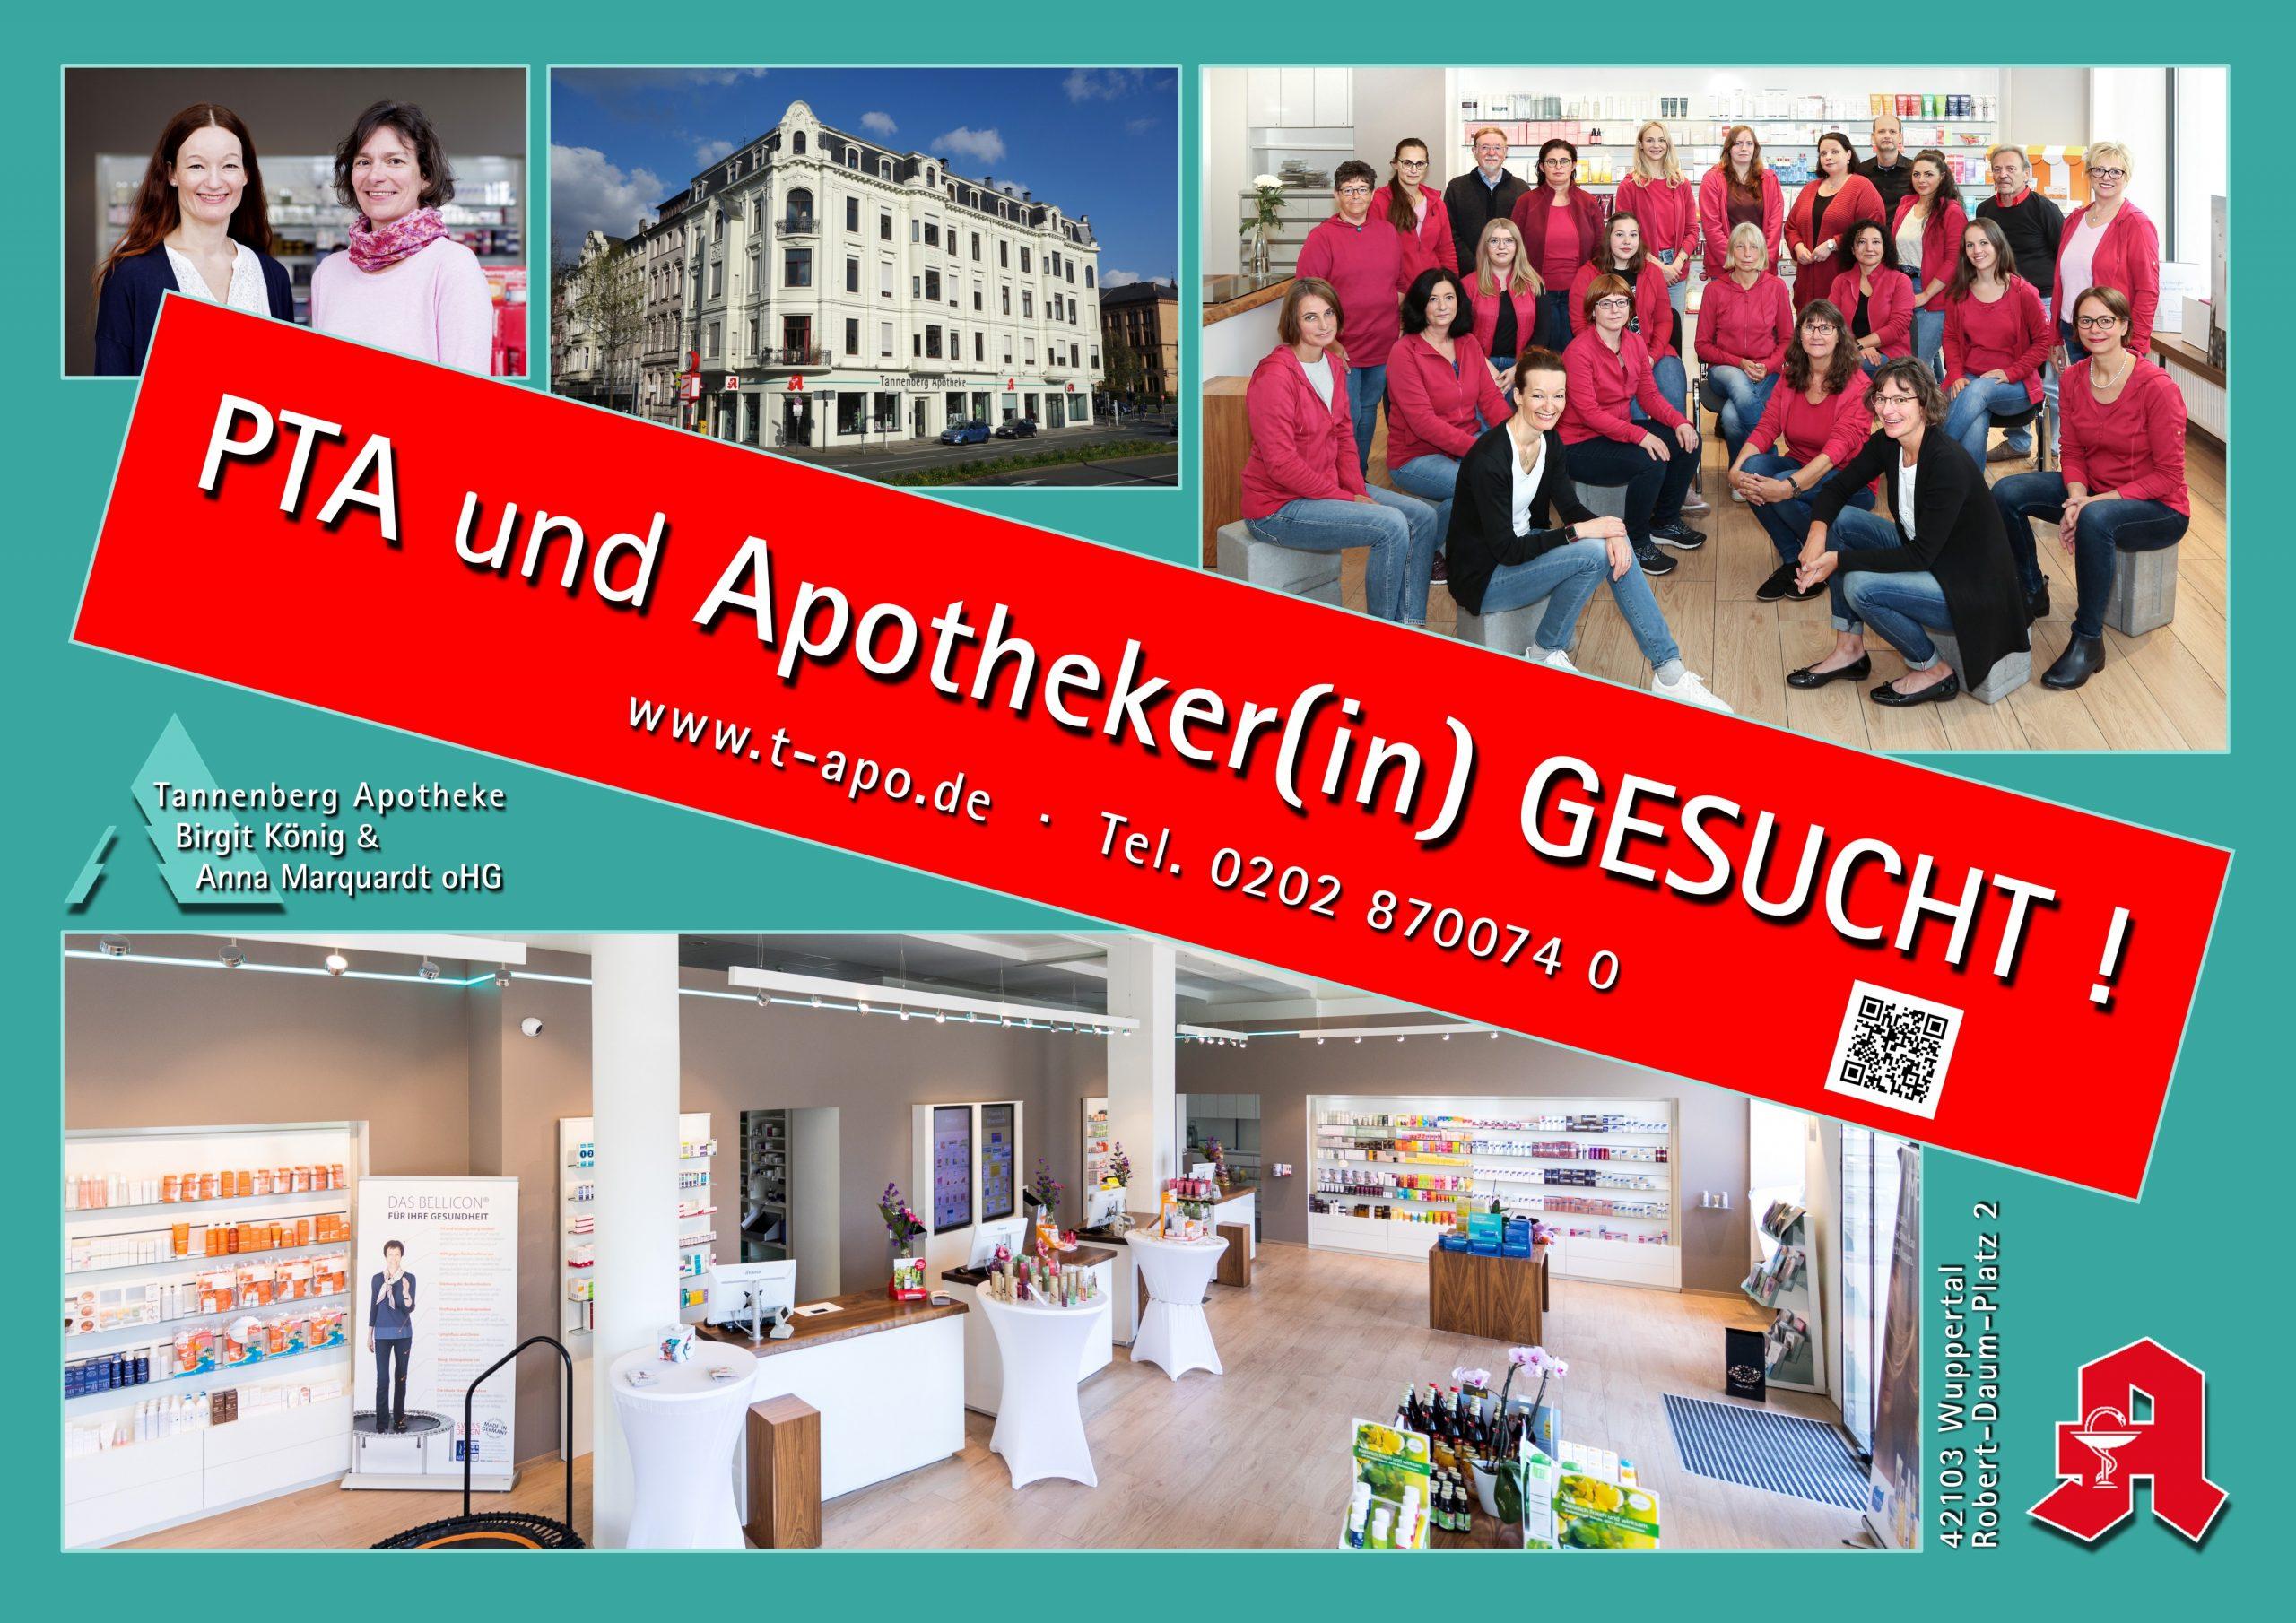 Aktion-Stellenanzeige_PTA-Apoth-V03-4000px-90p